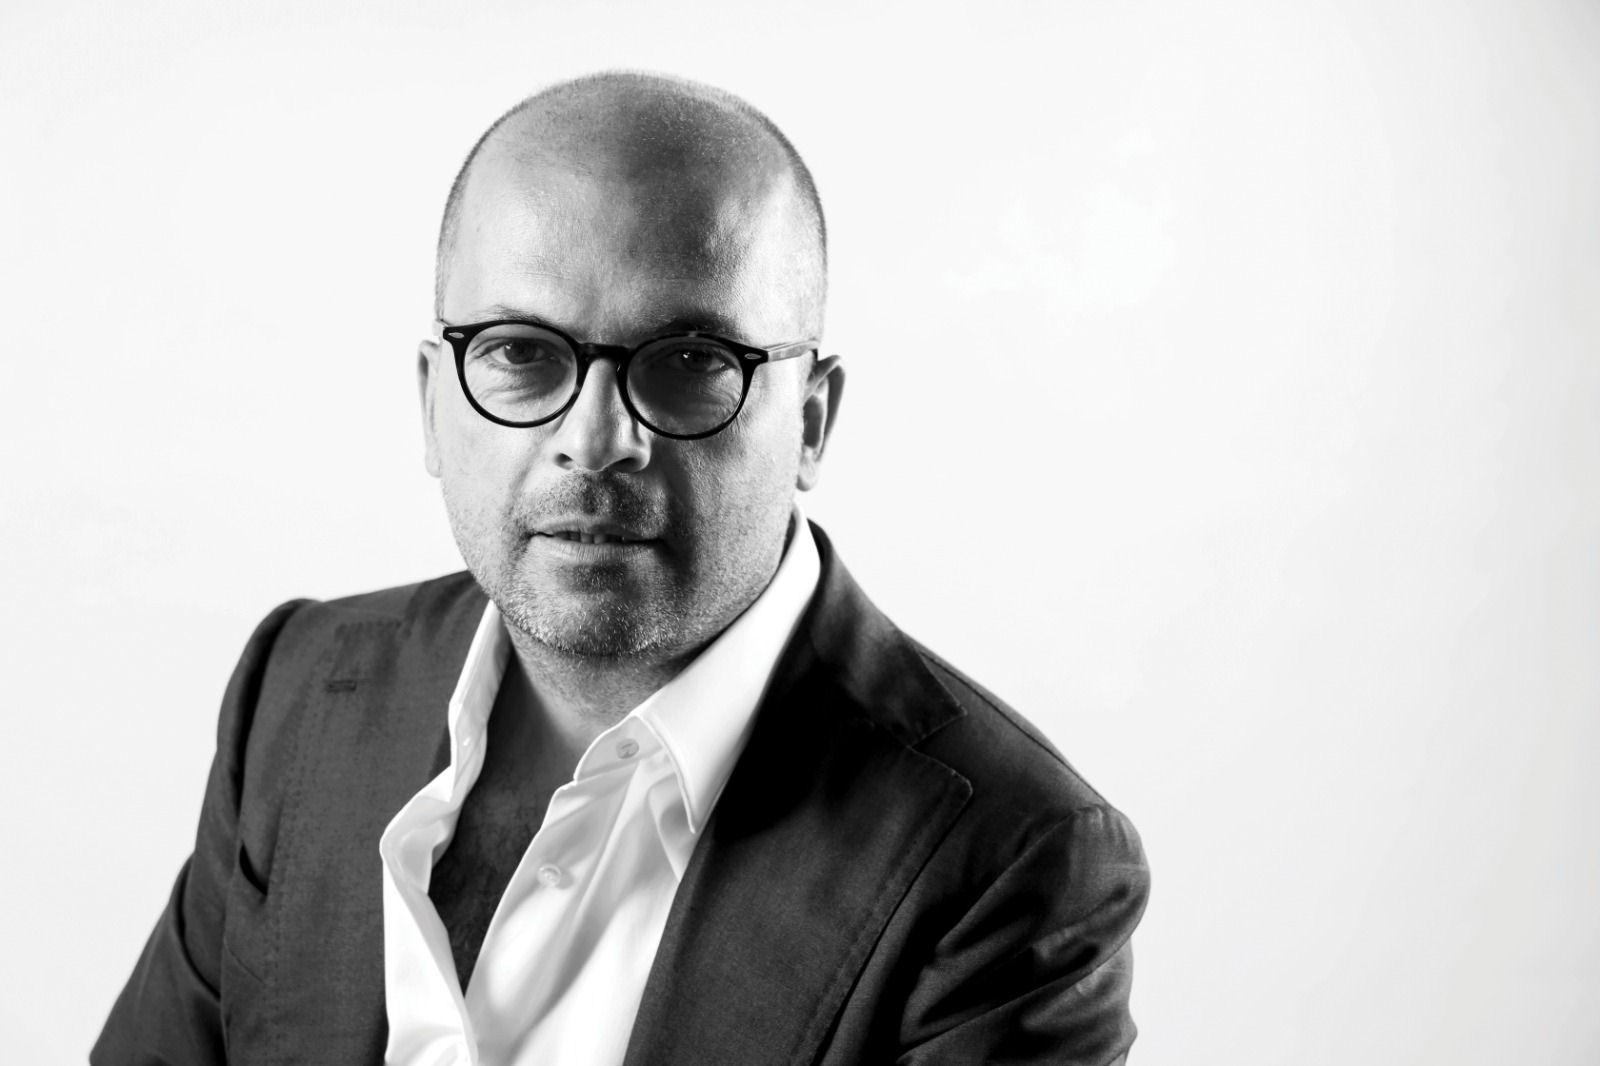 Intervista con Alessandro Fimiani, avvocato di Portici – NA